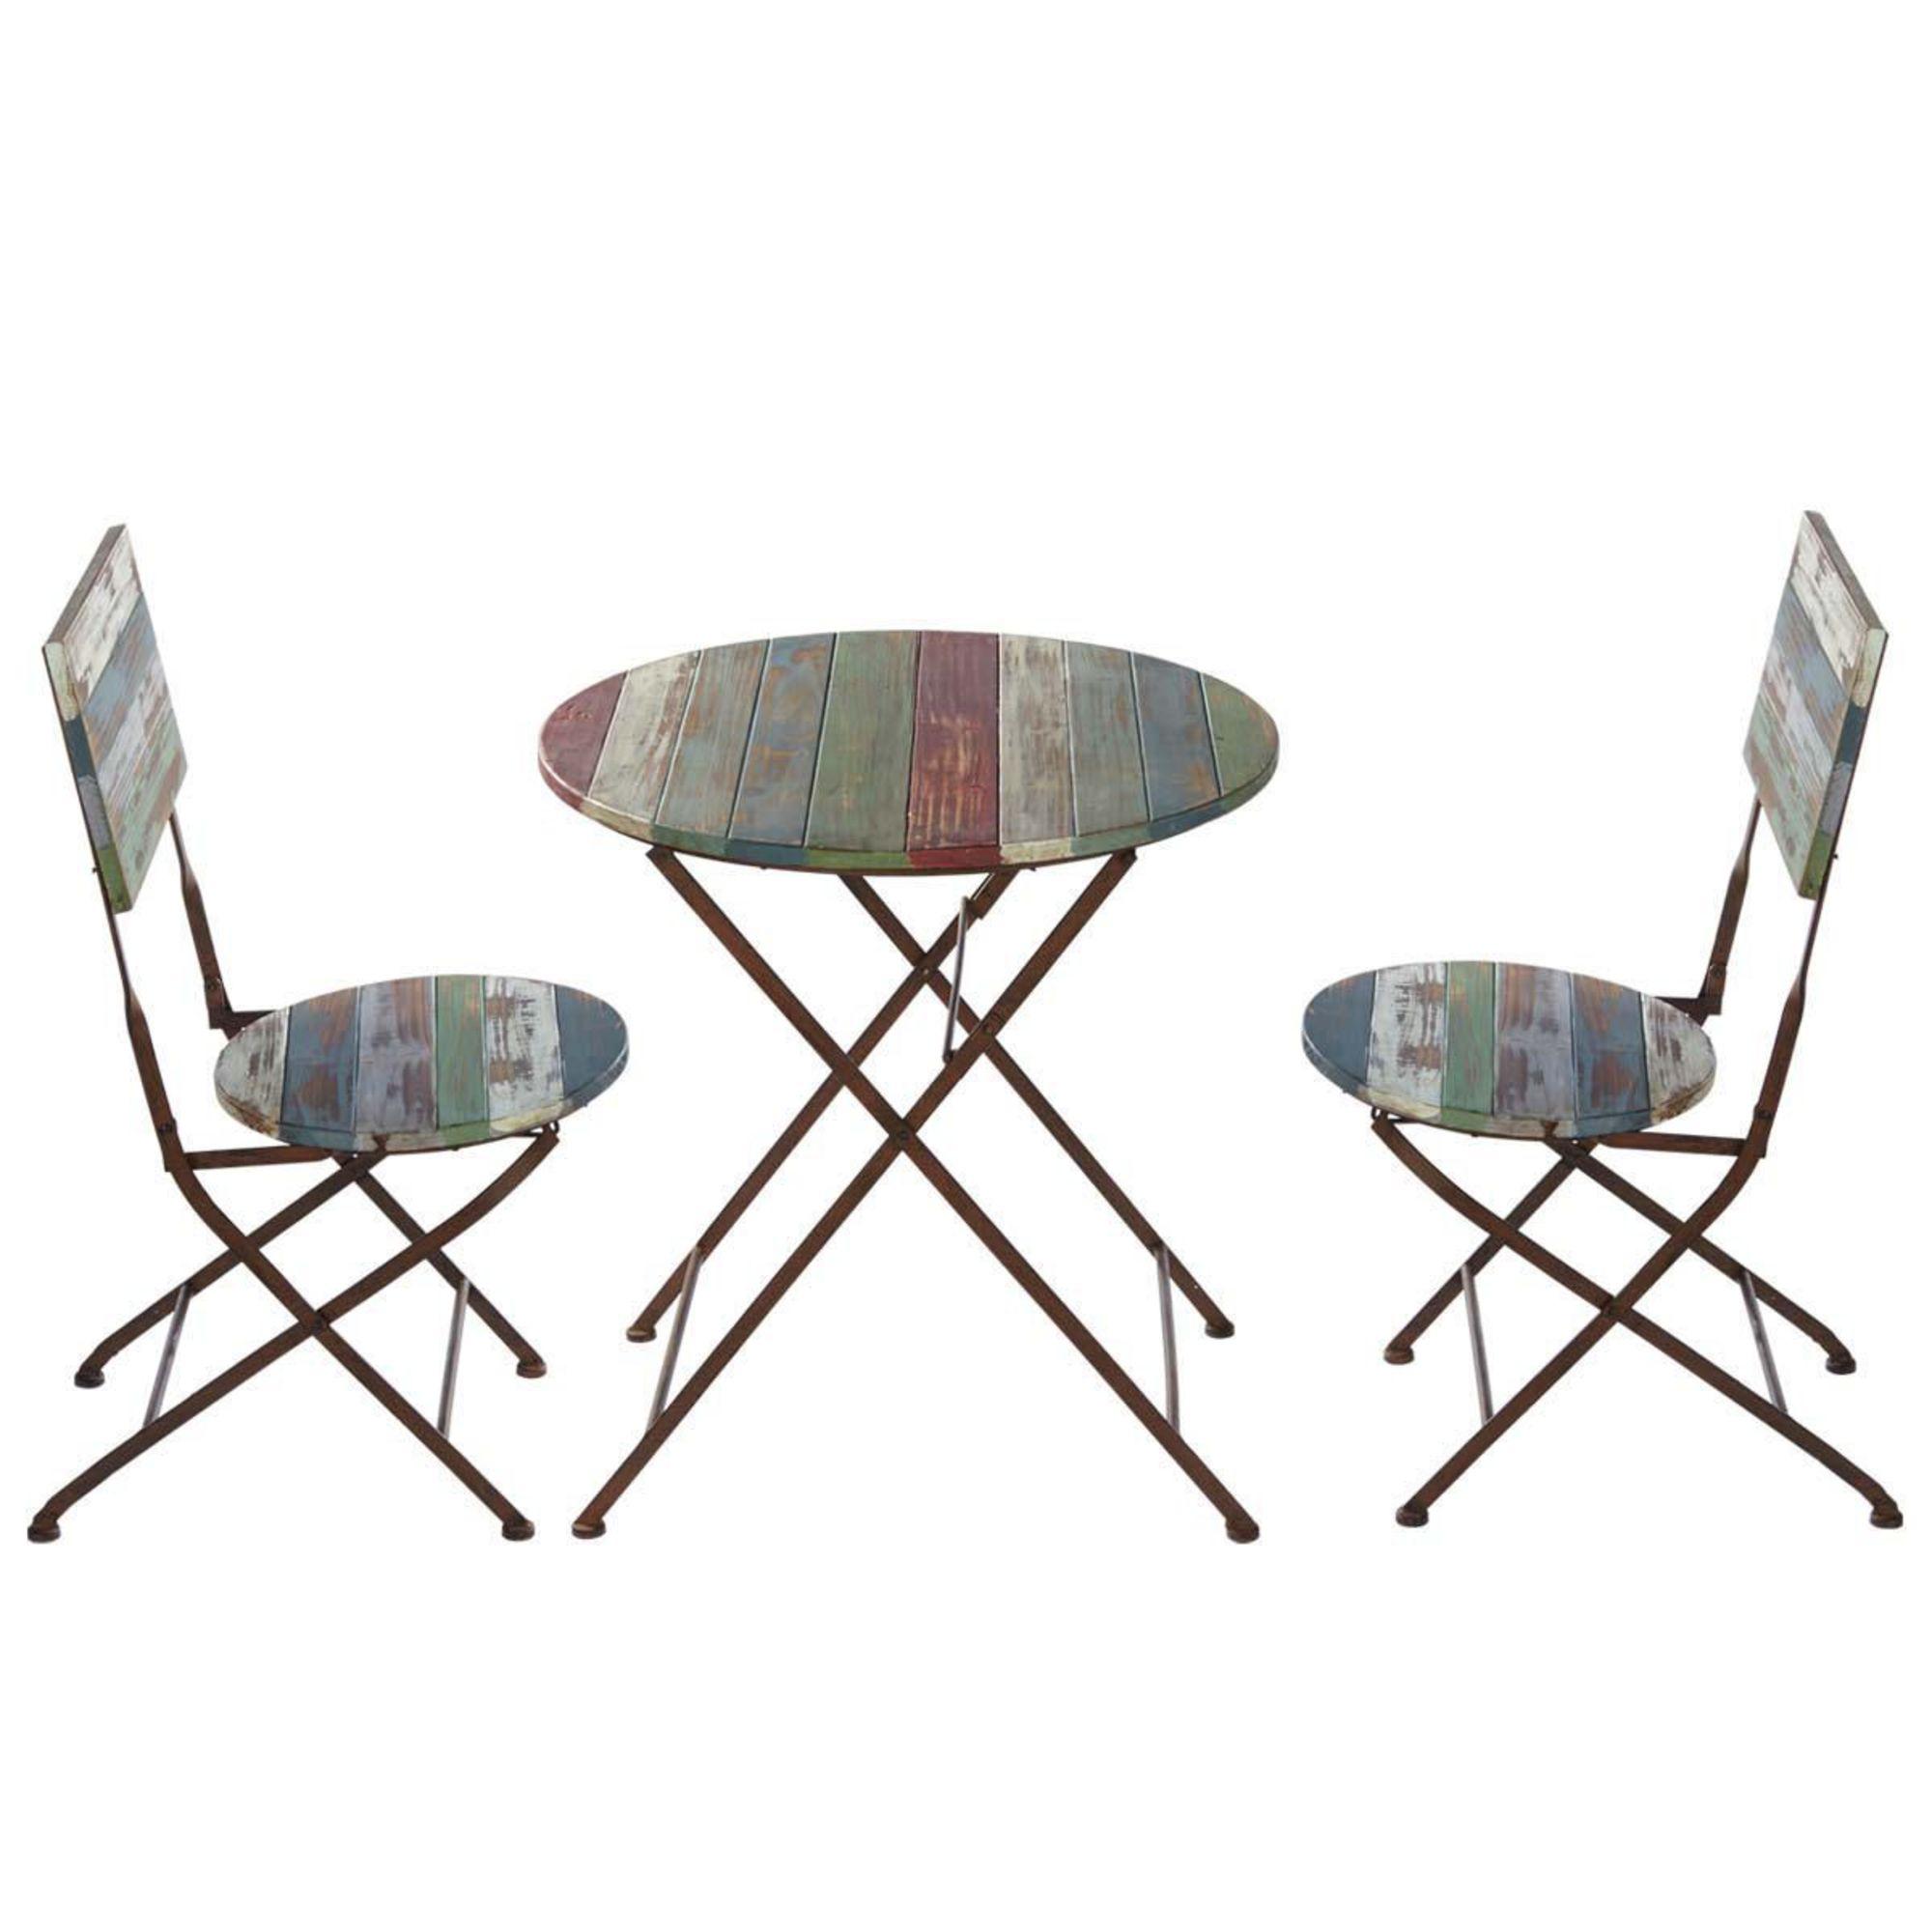 """gartenmöbel-set """"rainbow"""", aus holz und metall, 3-tlg., holz & metall, Garten und Bauen"""